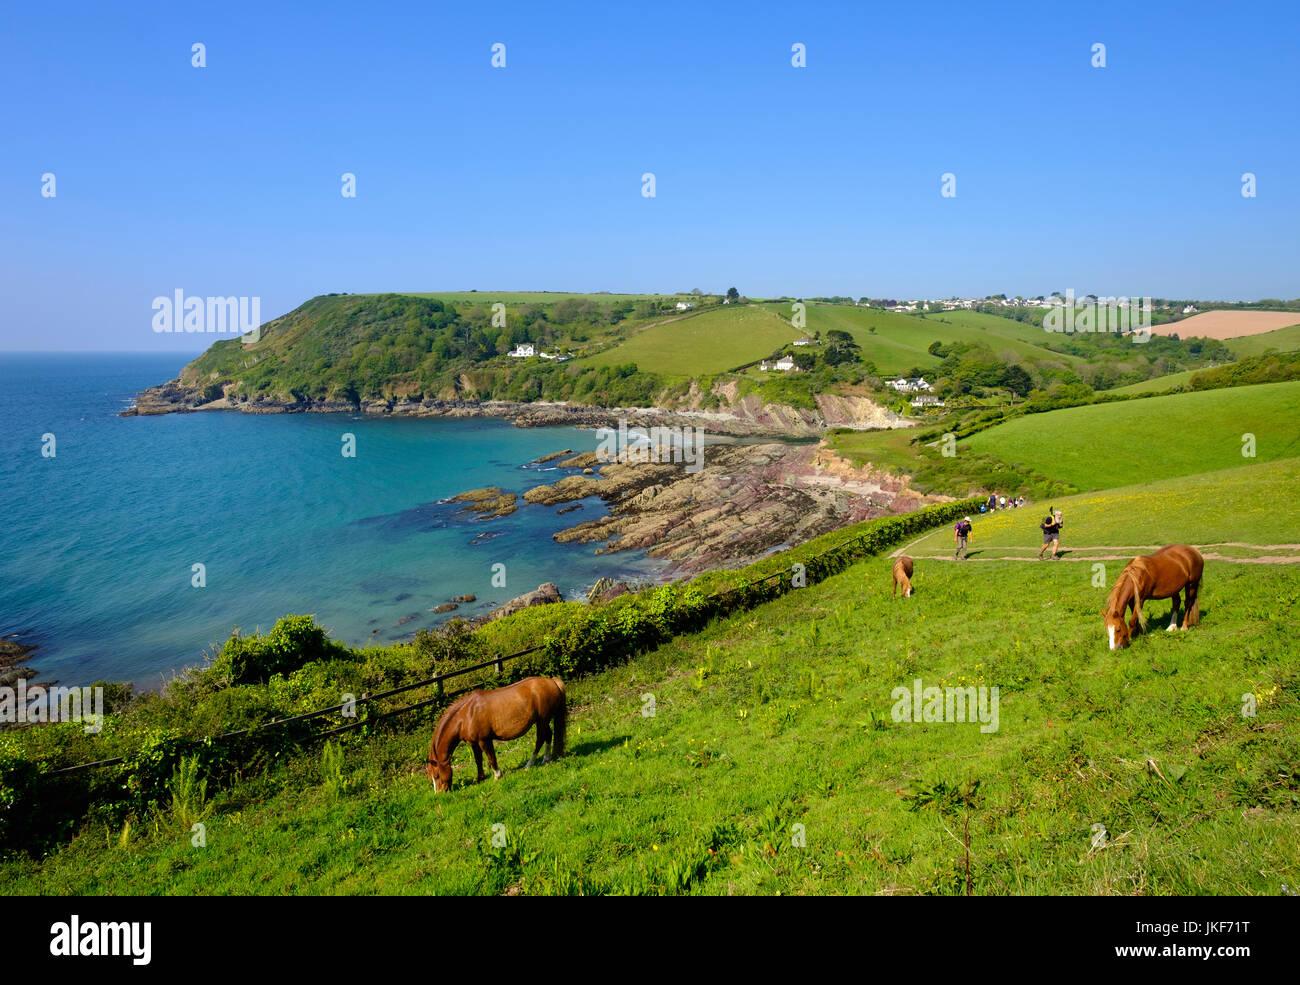 Pferde und Küstenpfad, Talland Bay nahe Polperro, Cornwall, England, Großbritannien - Stock Image